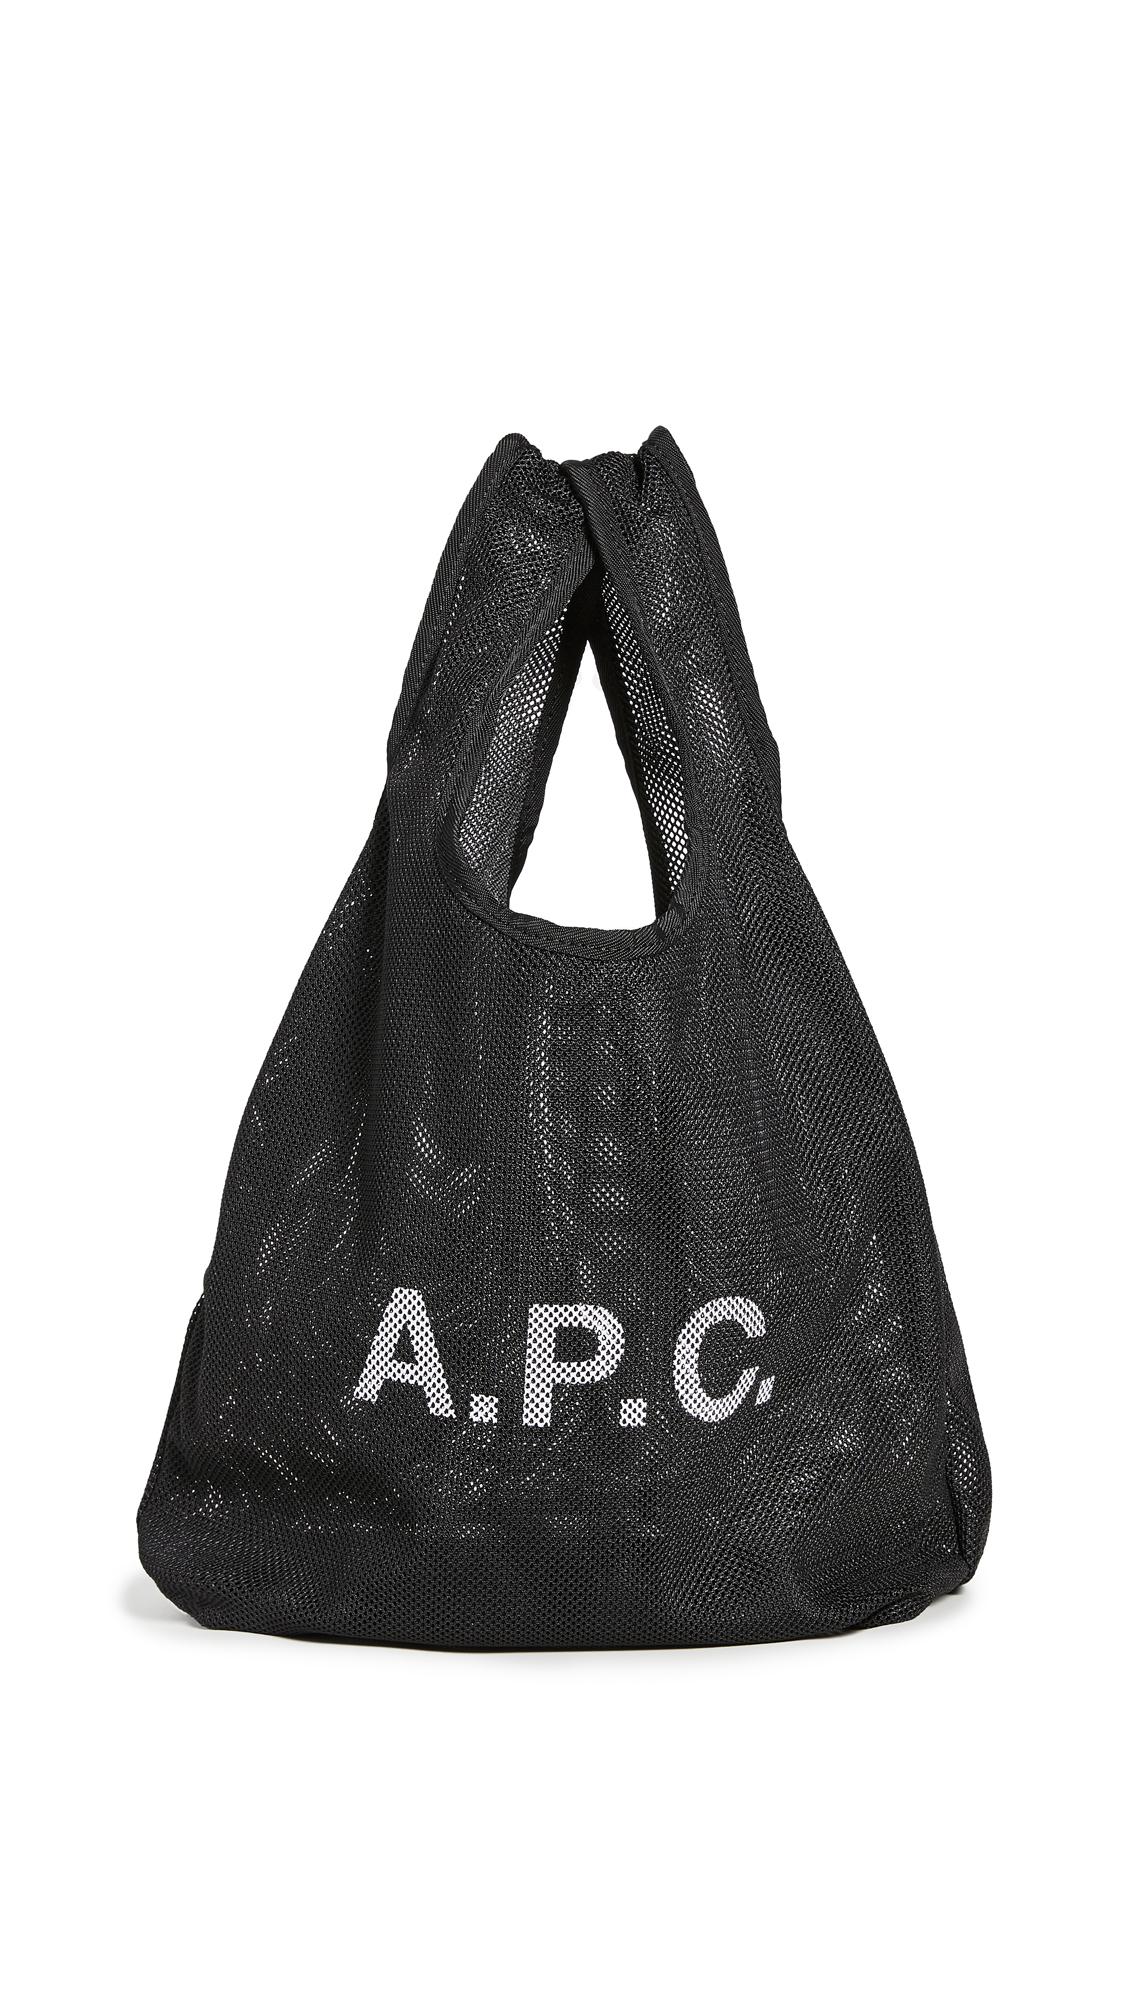 A.P.C. Sac Shopping Rebound Bag